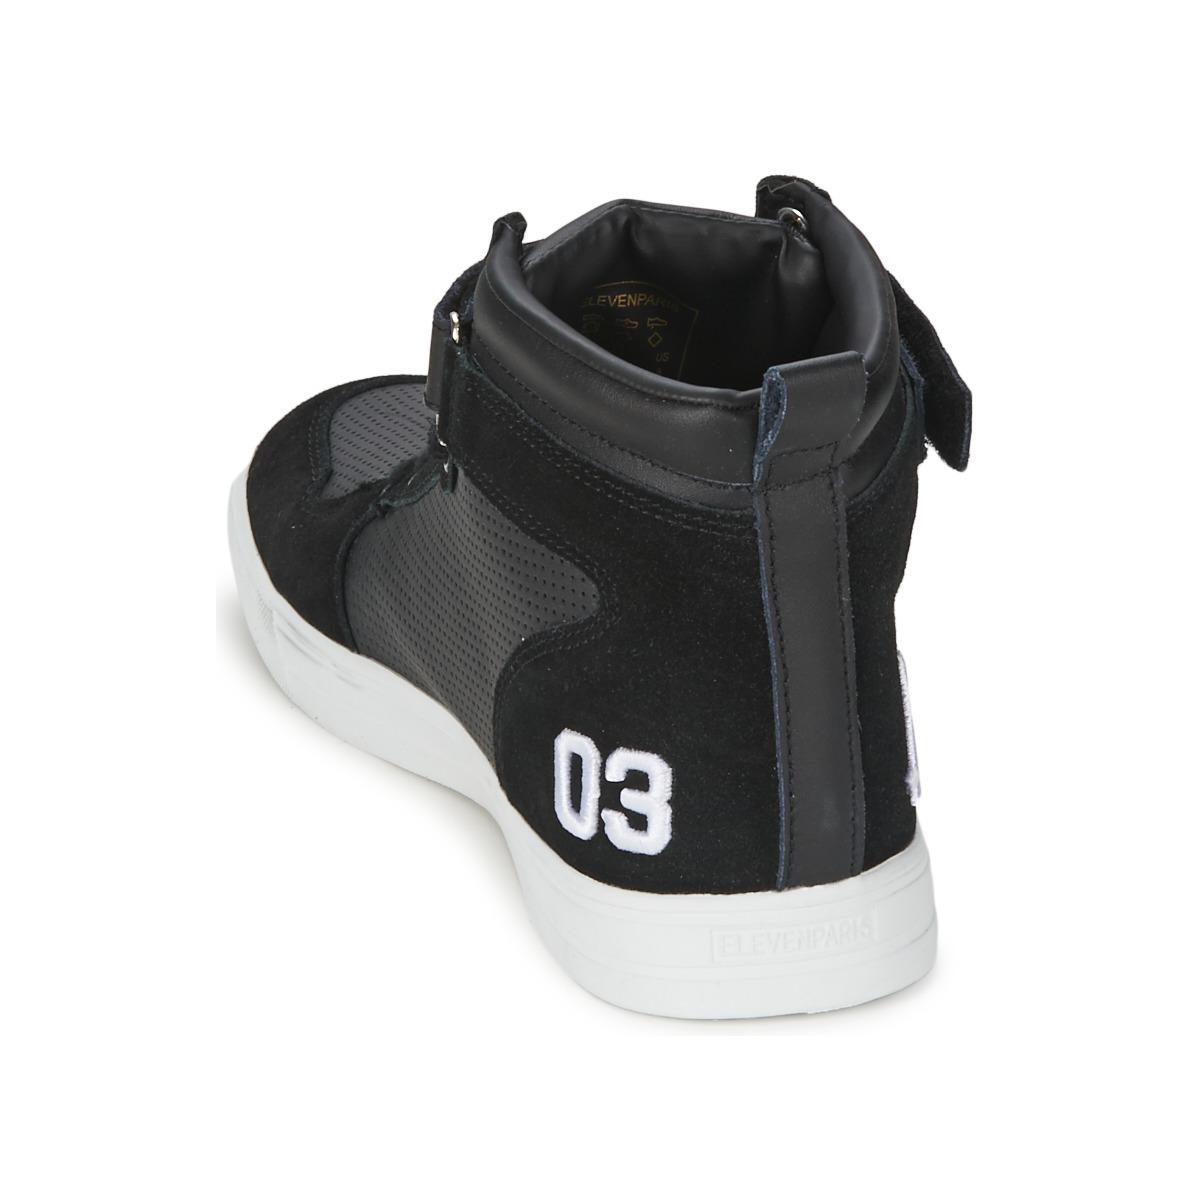 SNEAKER Chaussures ELEVEN PARIS pour homme en coloris Noir aWlG